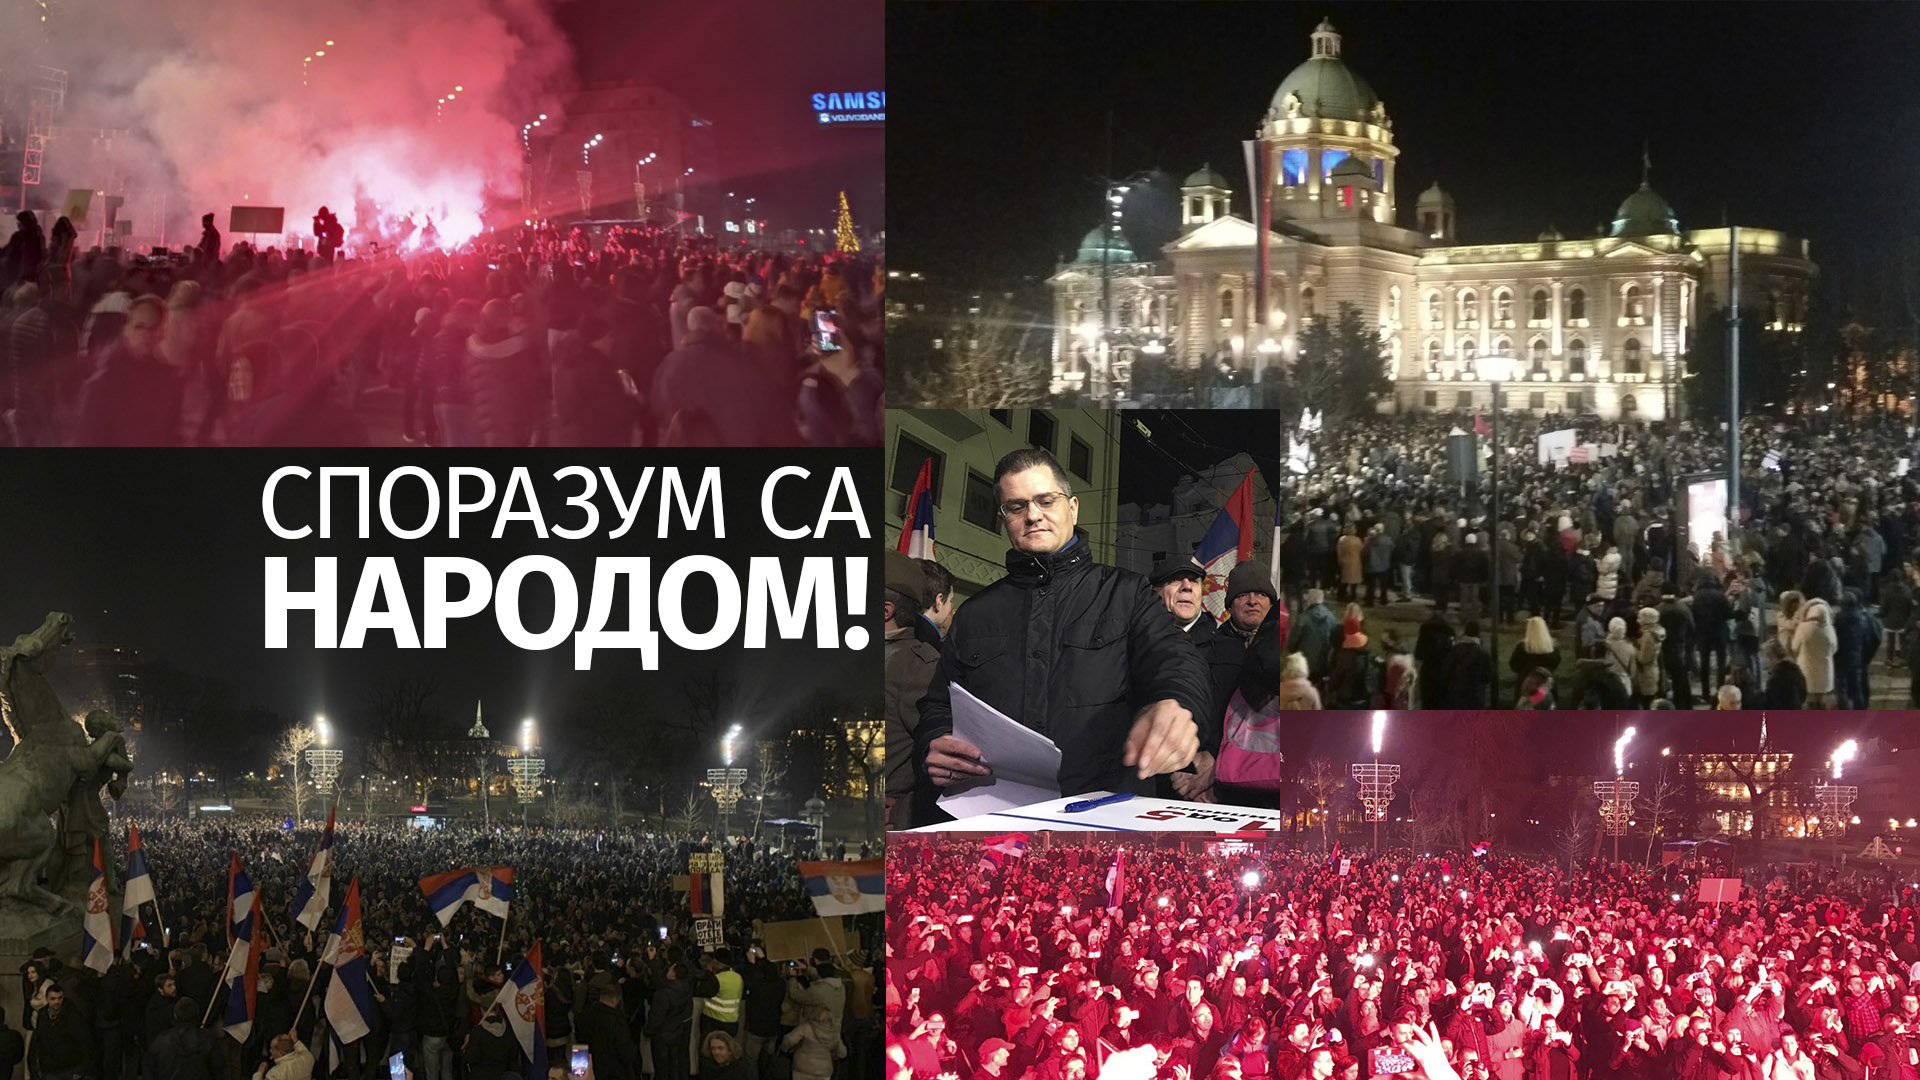 Вечерас је у Београду потписан Споразум са народом!